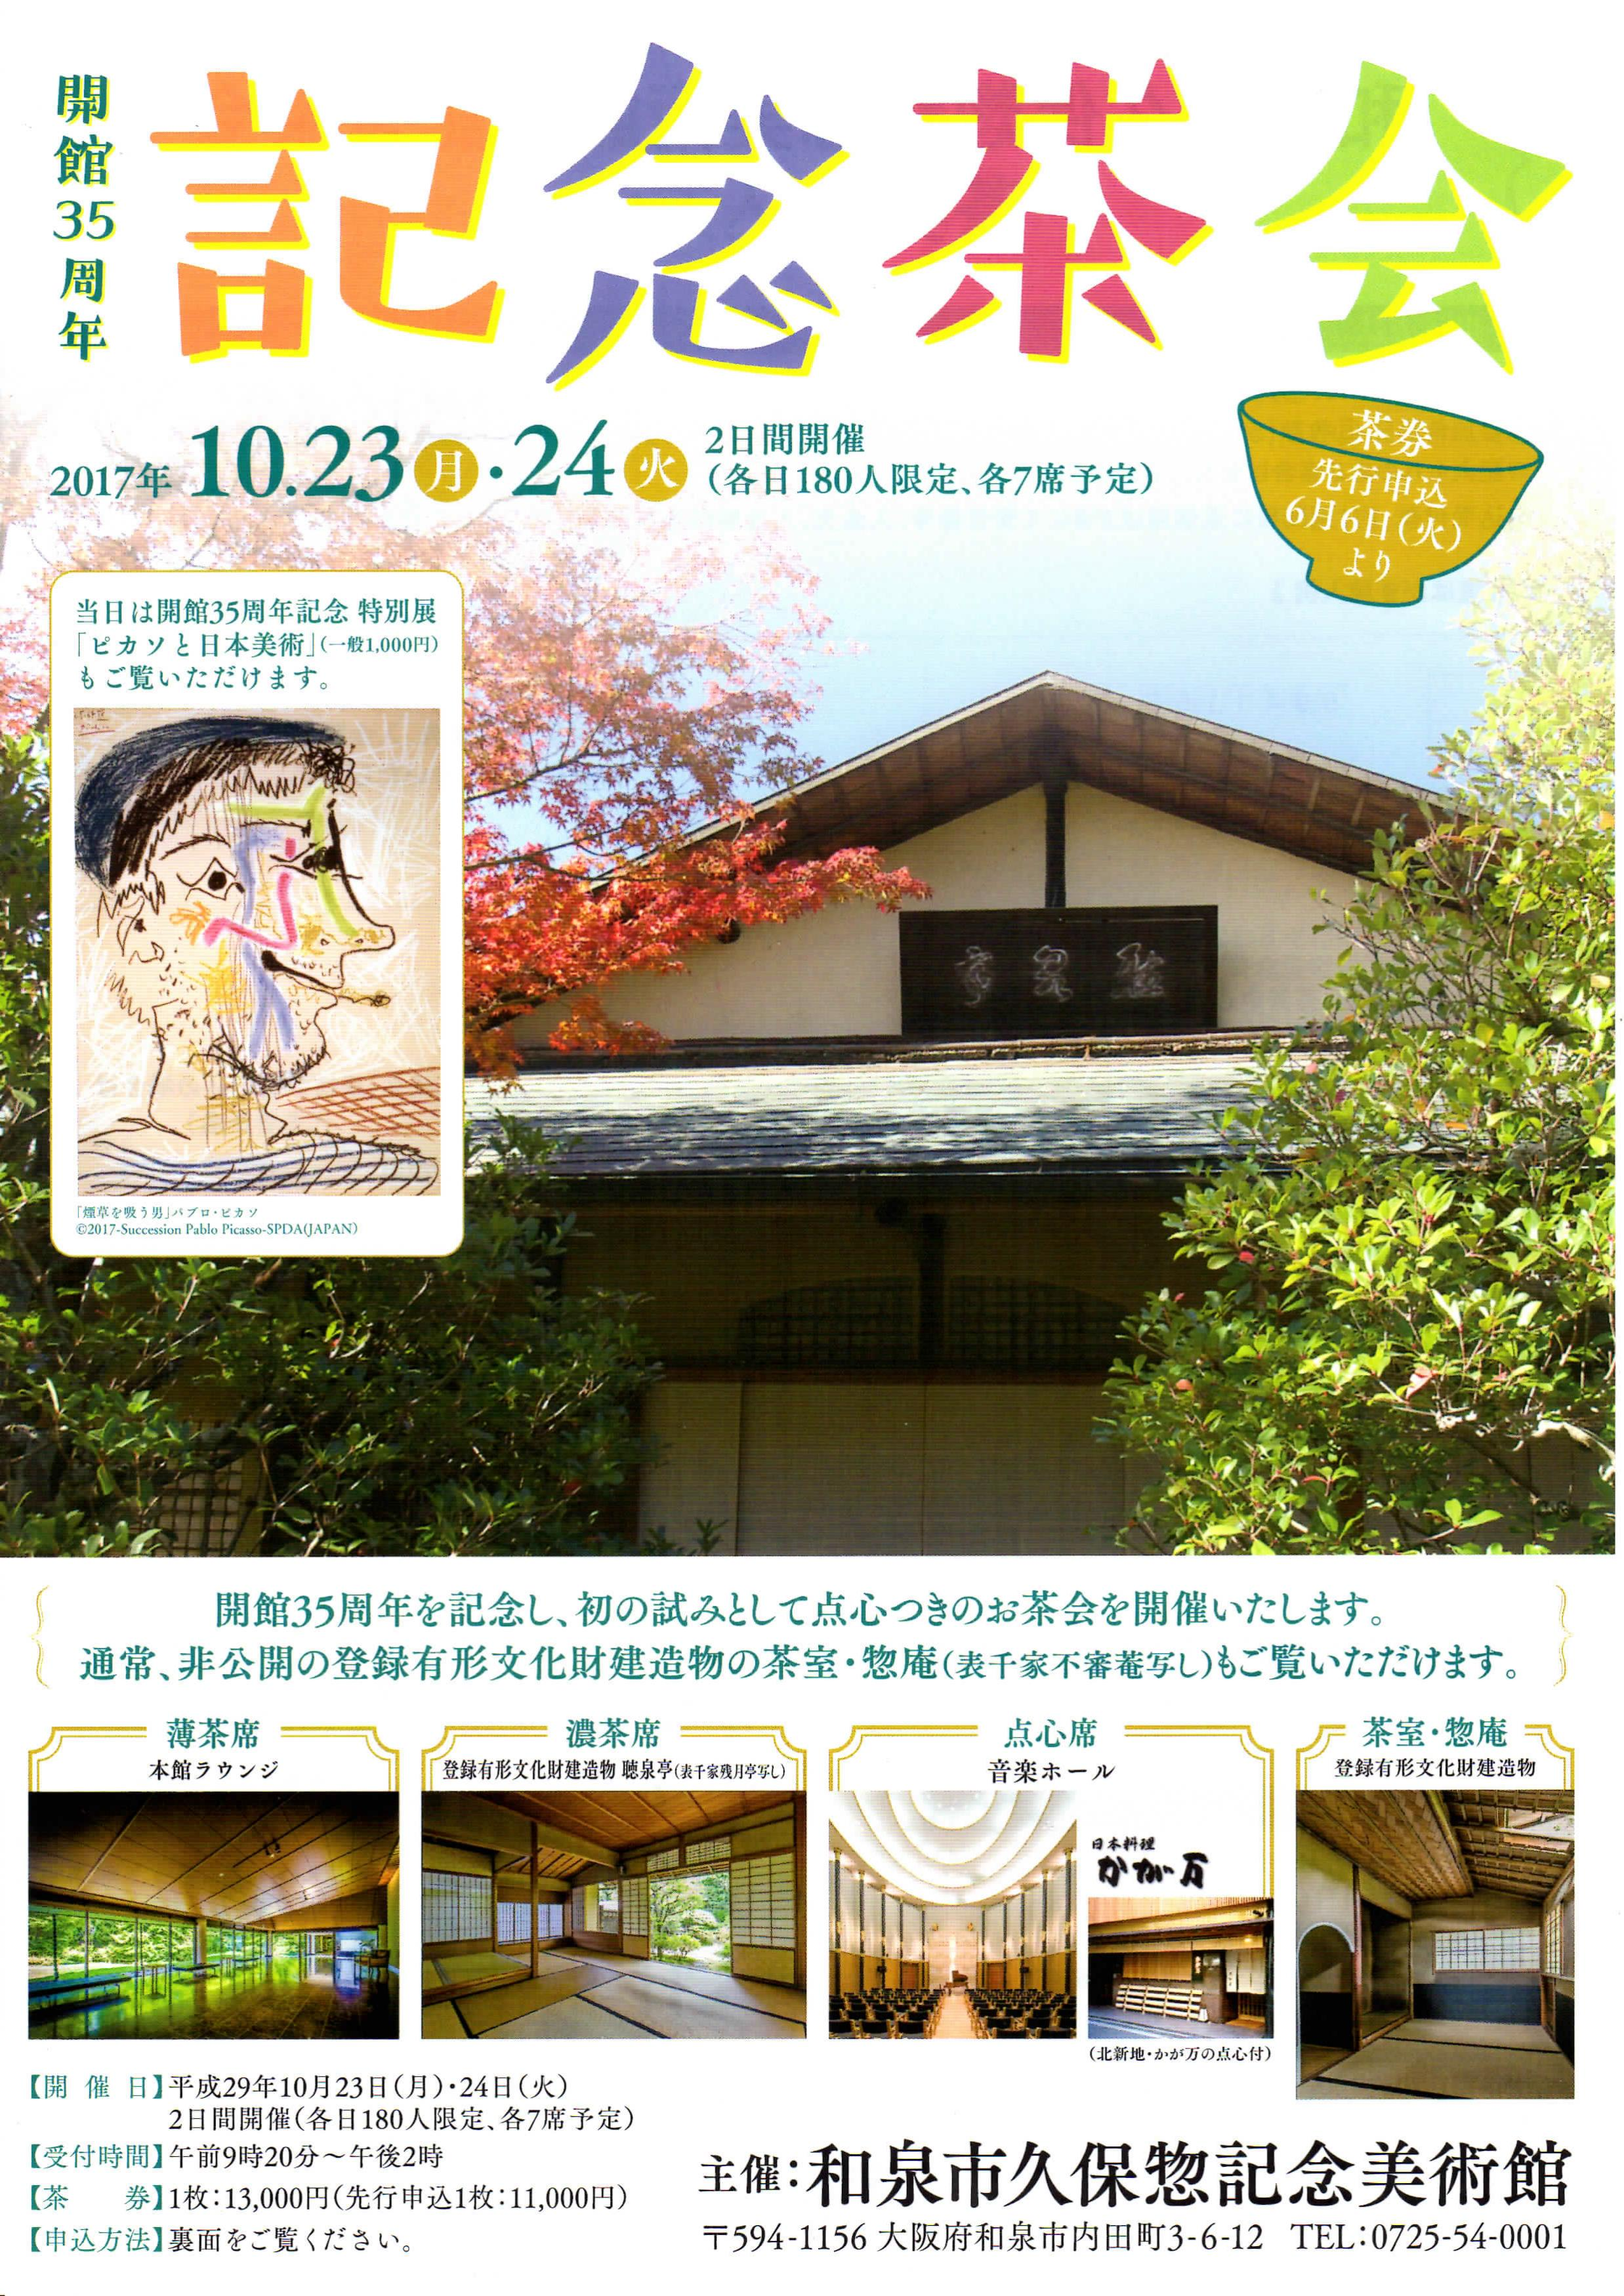 6月6日(火)から先行申込開始!和泉市久保惣記念美術館-開館35周年記念茶会を開催!